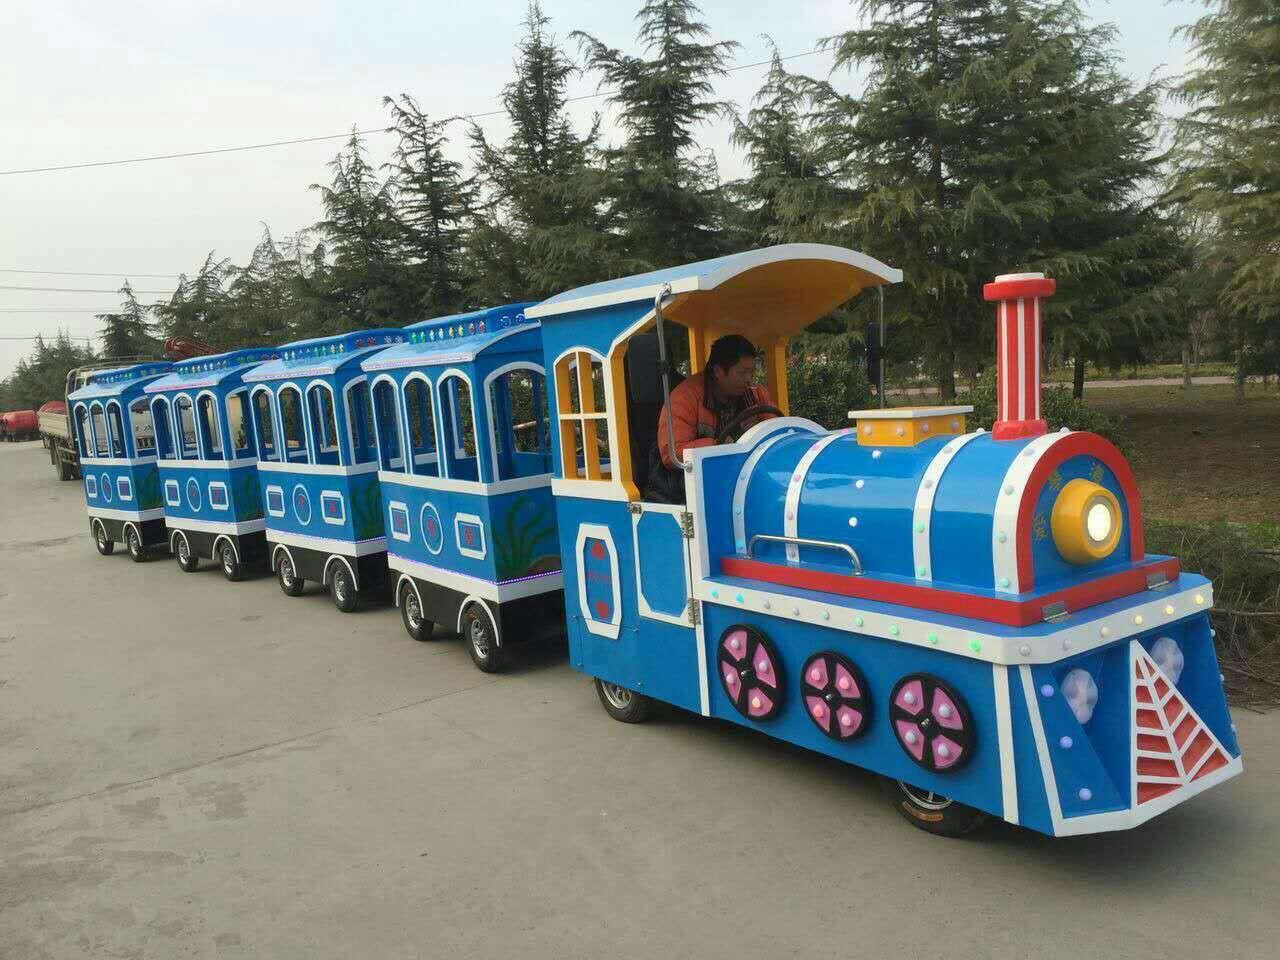 2020销售火爆儿童仿古观光小火车 大洋户外游乐无轨观光火车项目游艺设施厂家设备示例图8